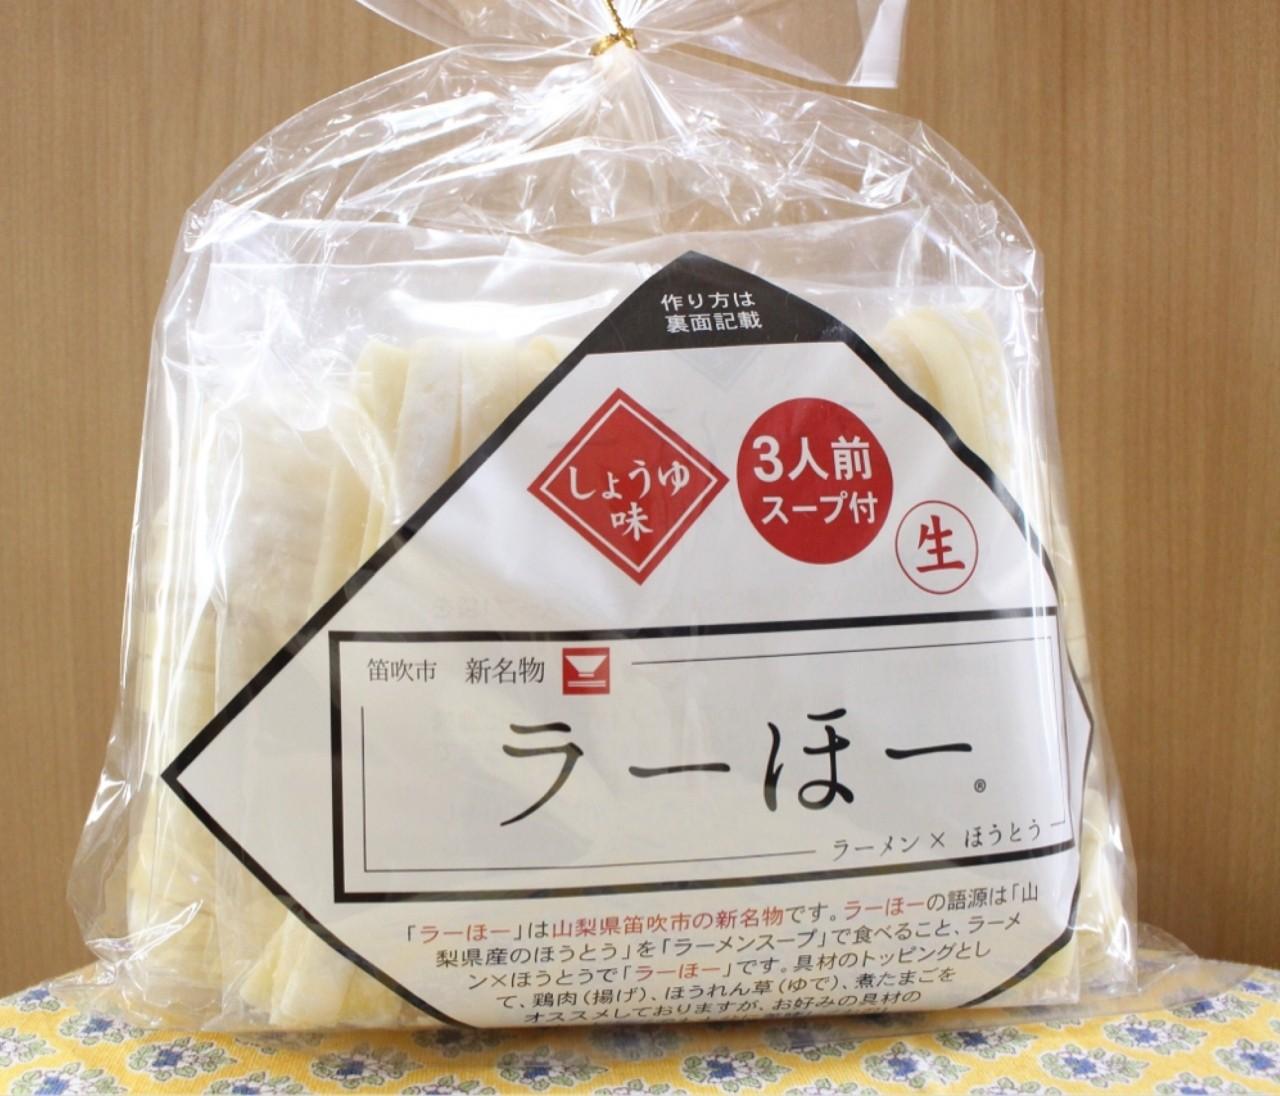 """【ご当地グルメ&手土産】山梨の新名物""""ラーほー""""食べてみた!"""